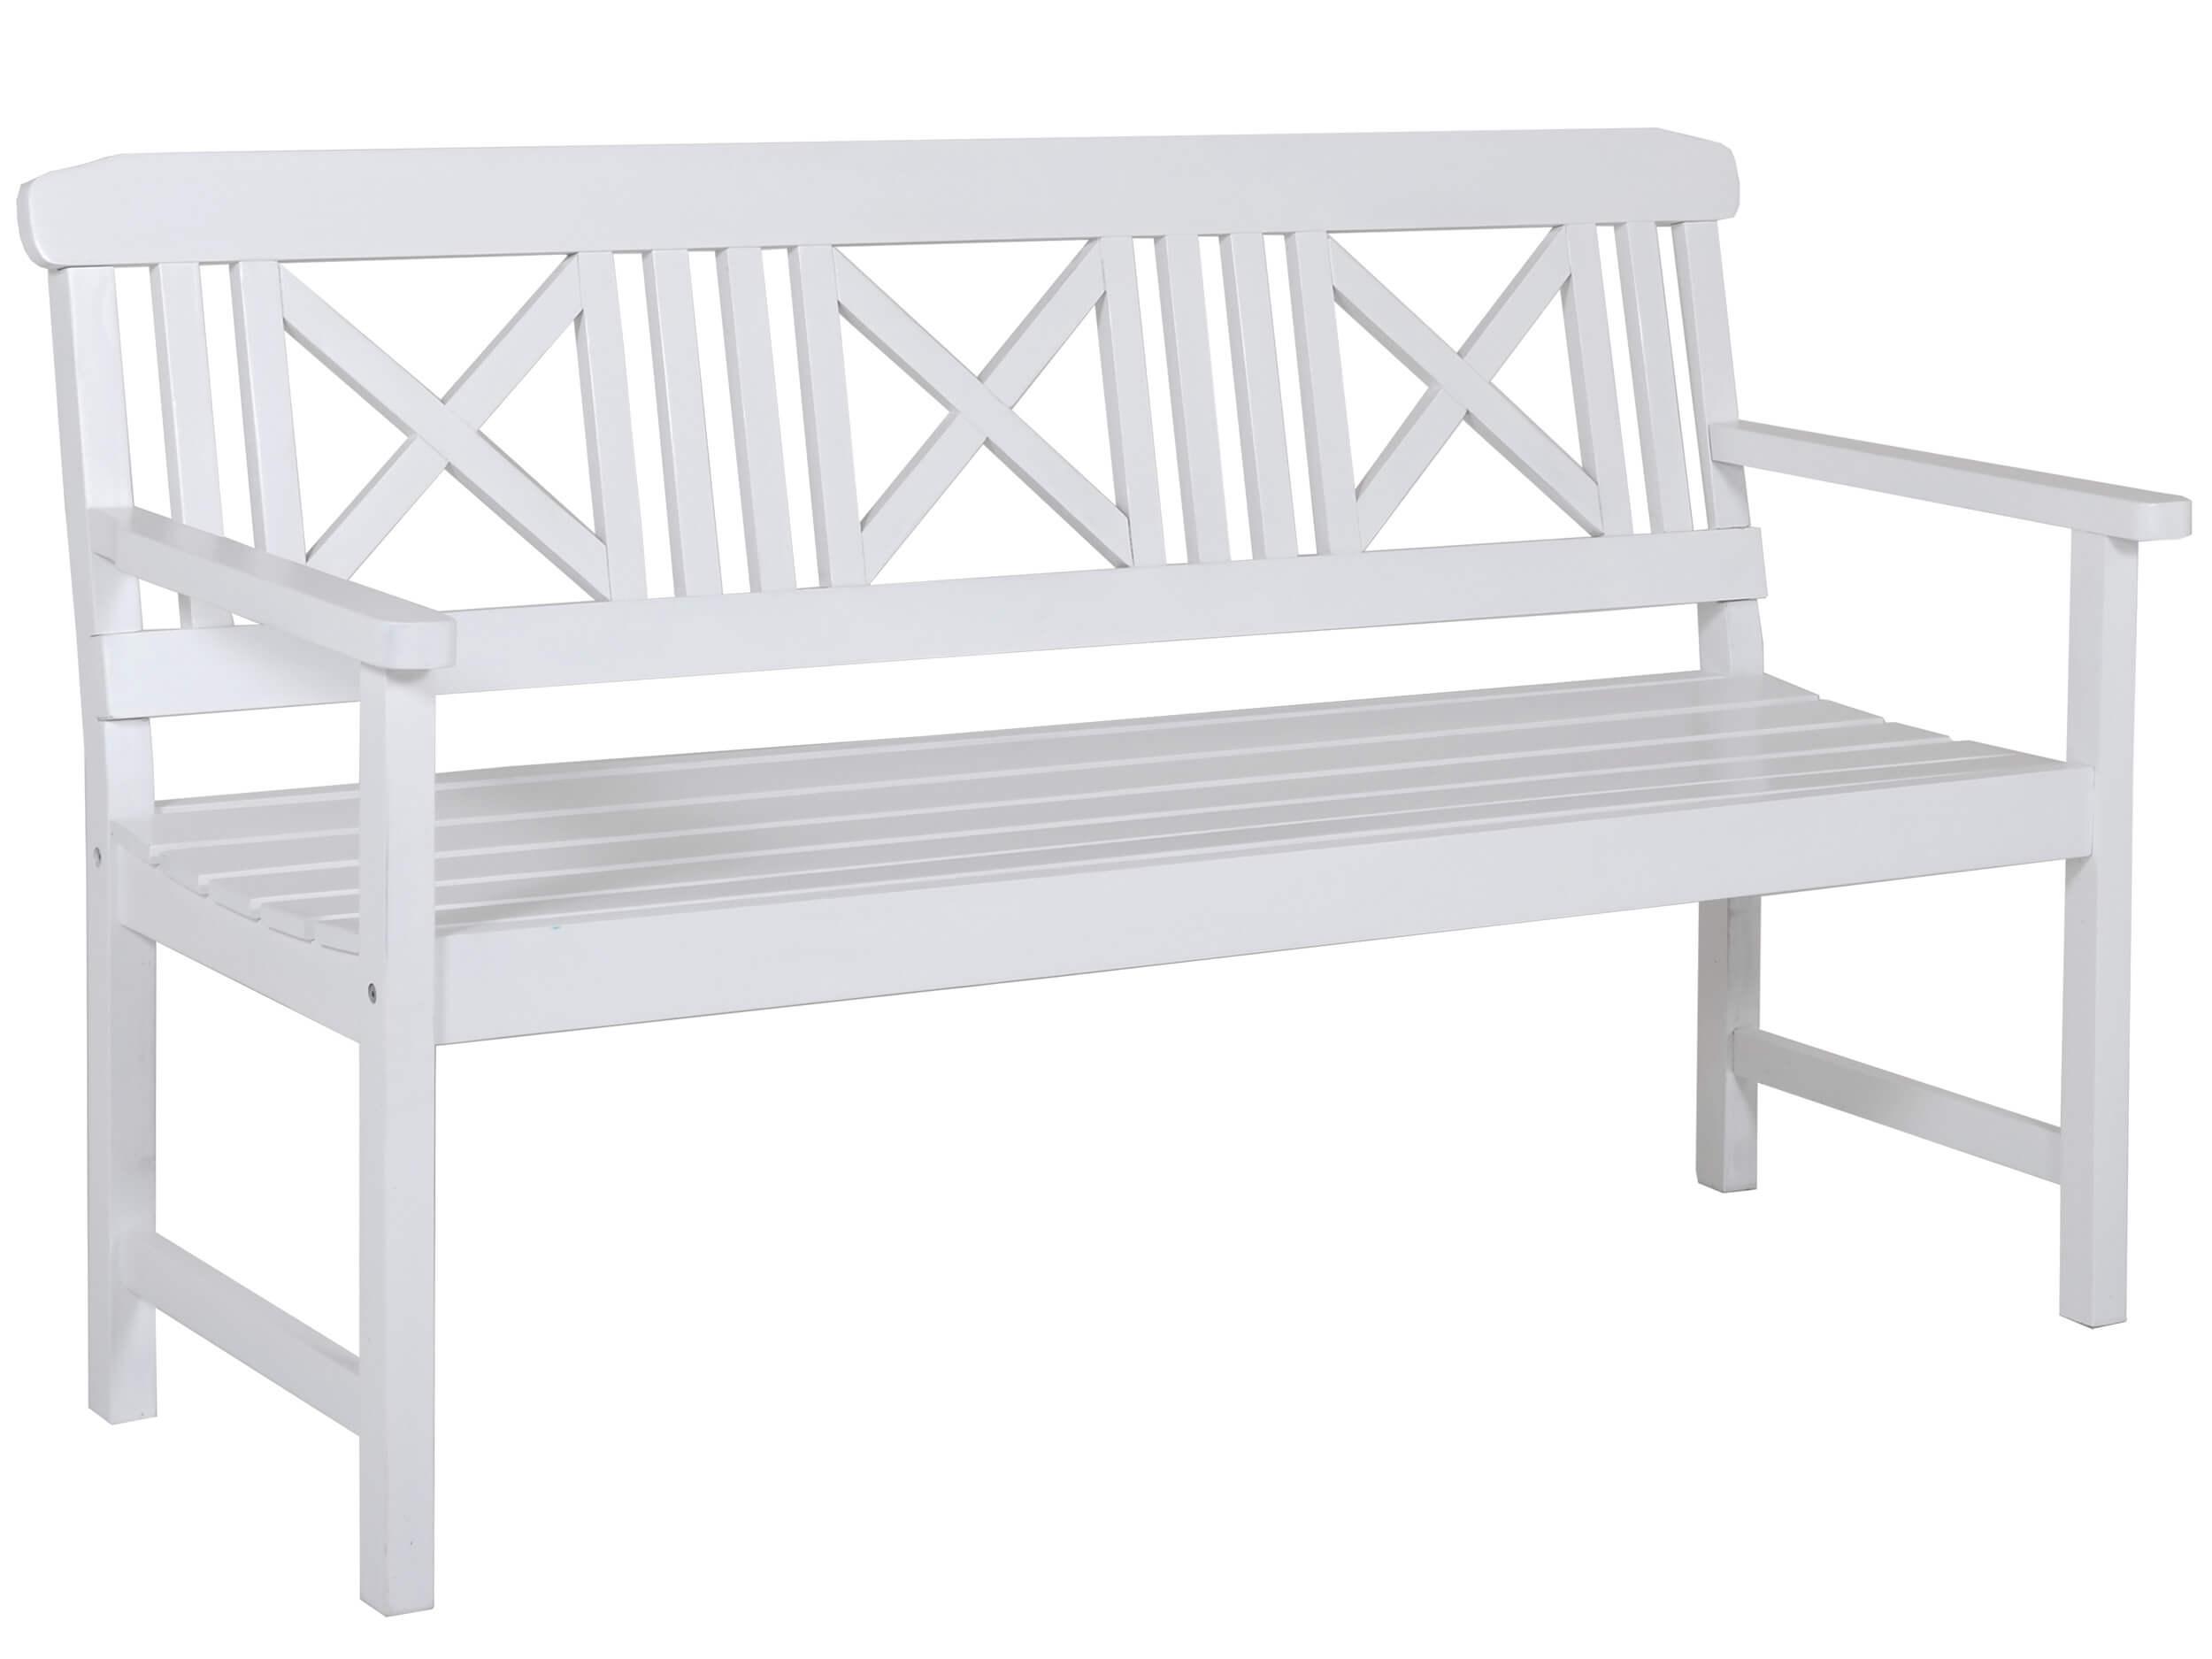 Holz Gartenbank Husum Weiß Lackiert 120cm 2 Sitzer | Gartenmöbel Lünse